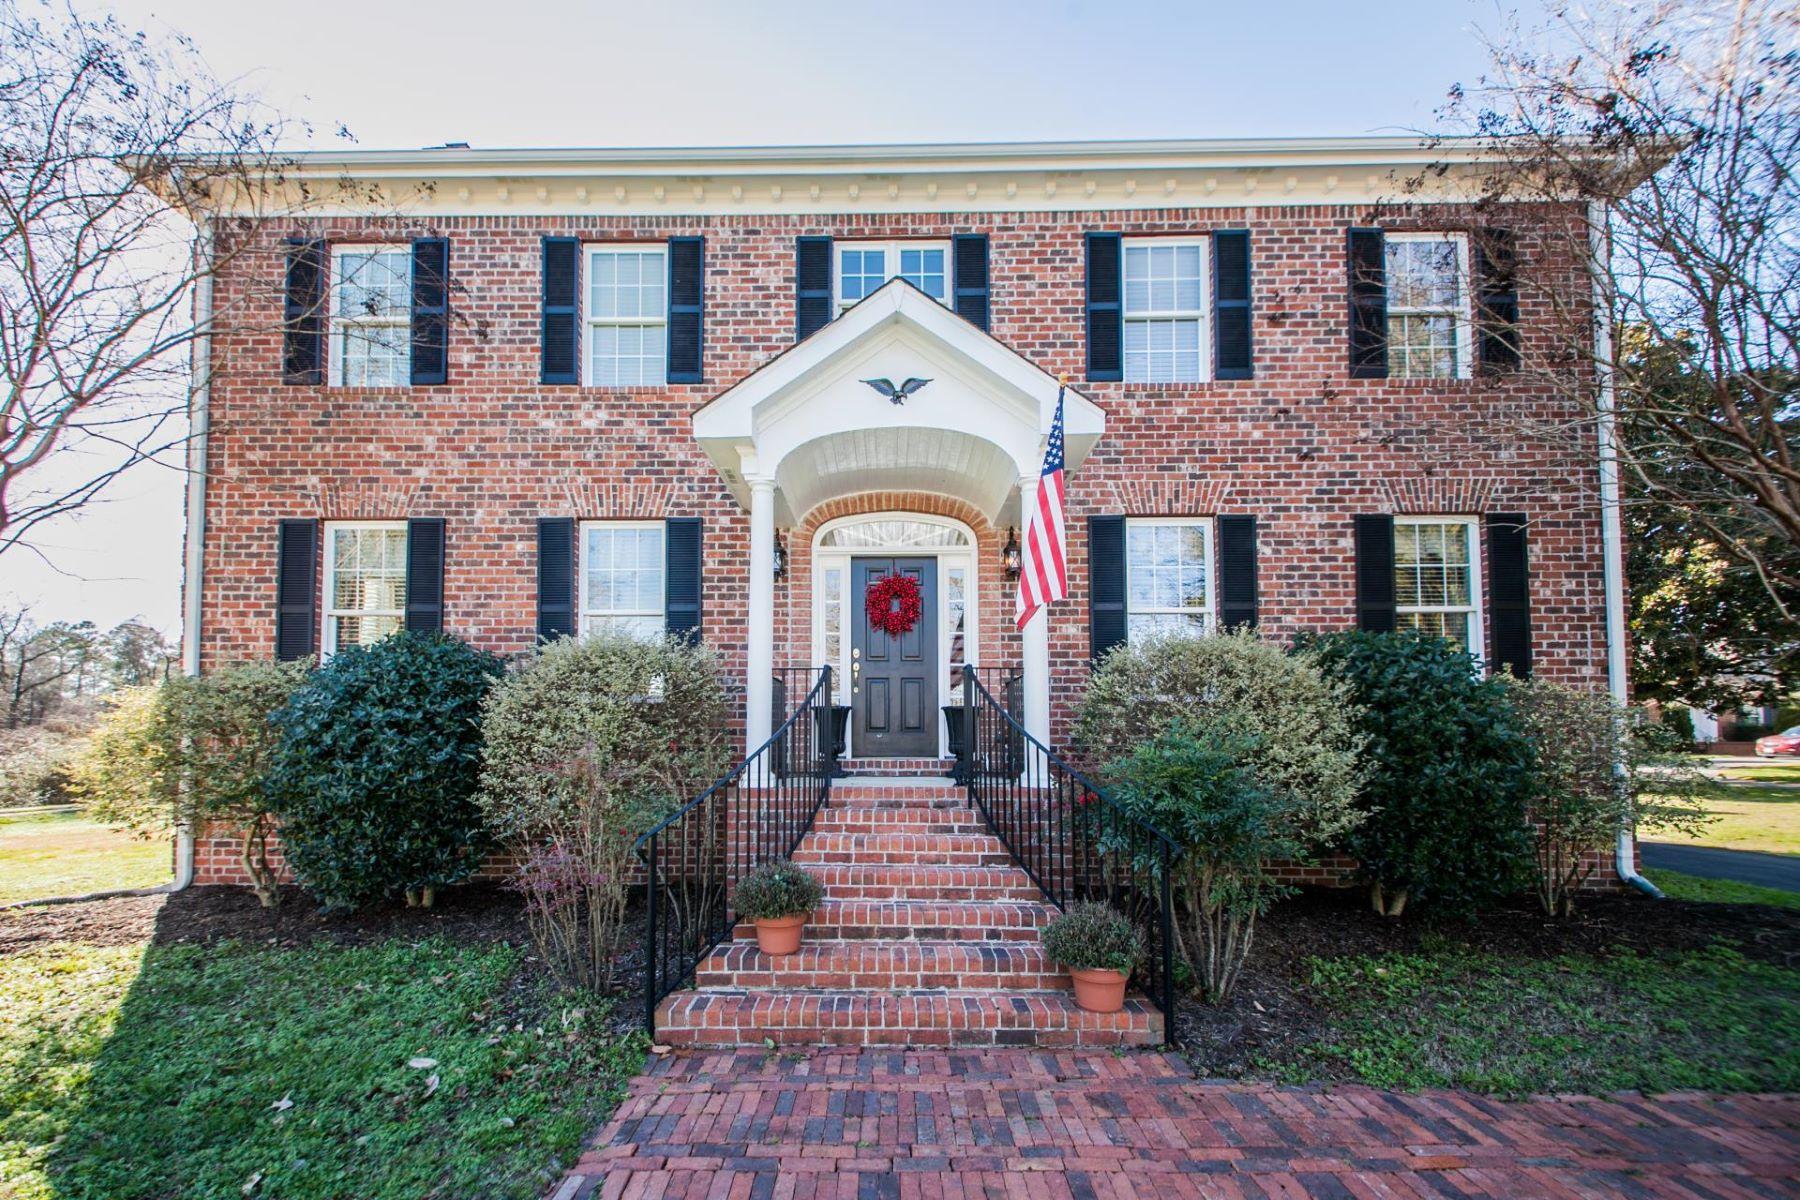 独户住宅 为 销售 在 Grimesland 1010A Magruder Rd. 史密斯菲尔德, 弗吉尼亚州, 23430 美国